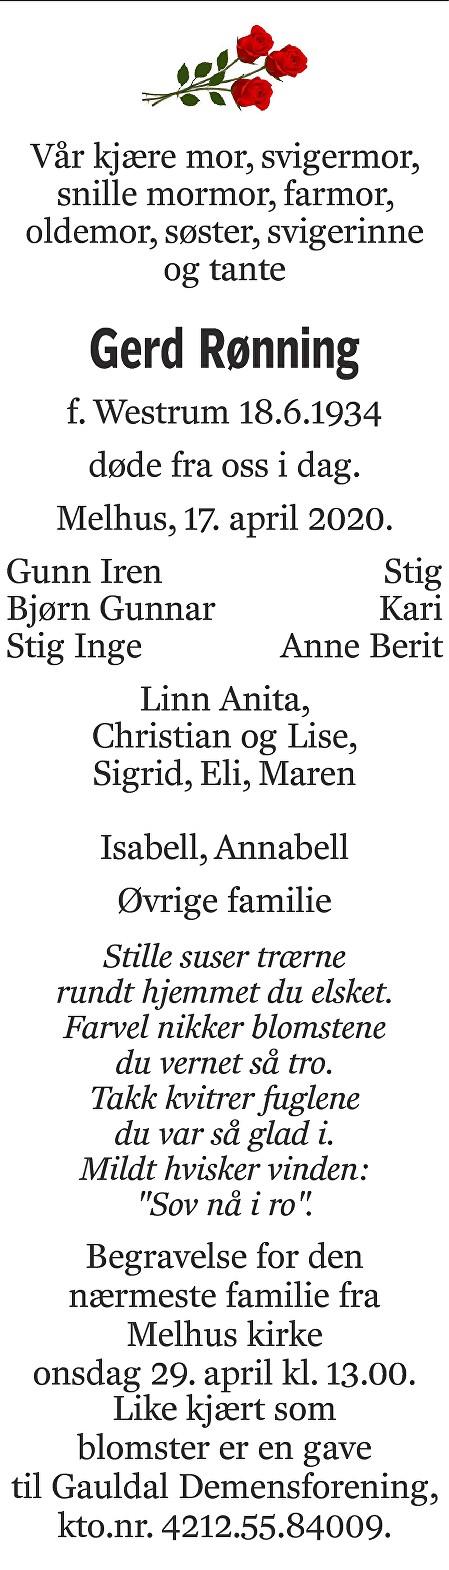 Gerd Rønning Dødsannonse